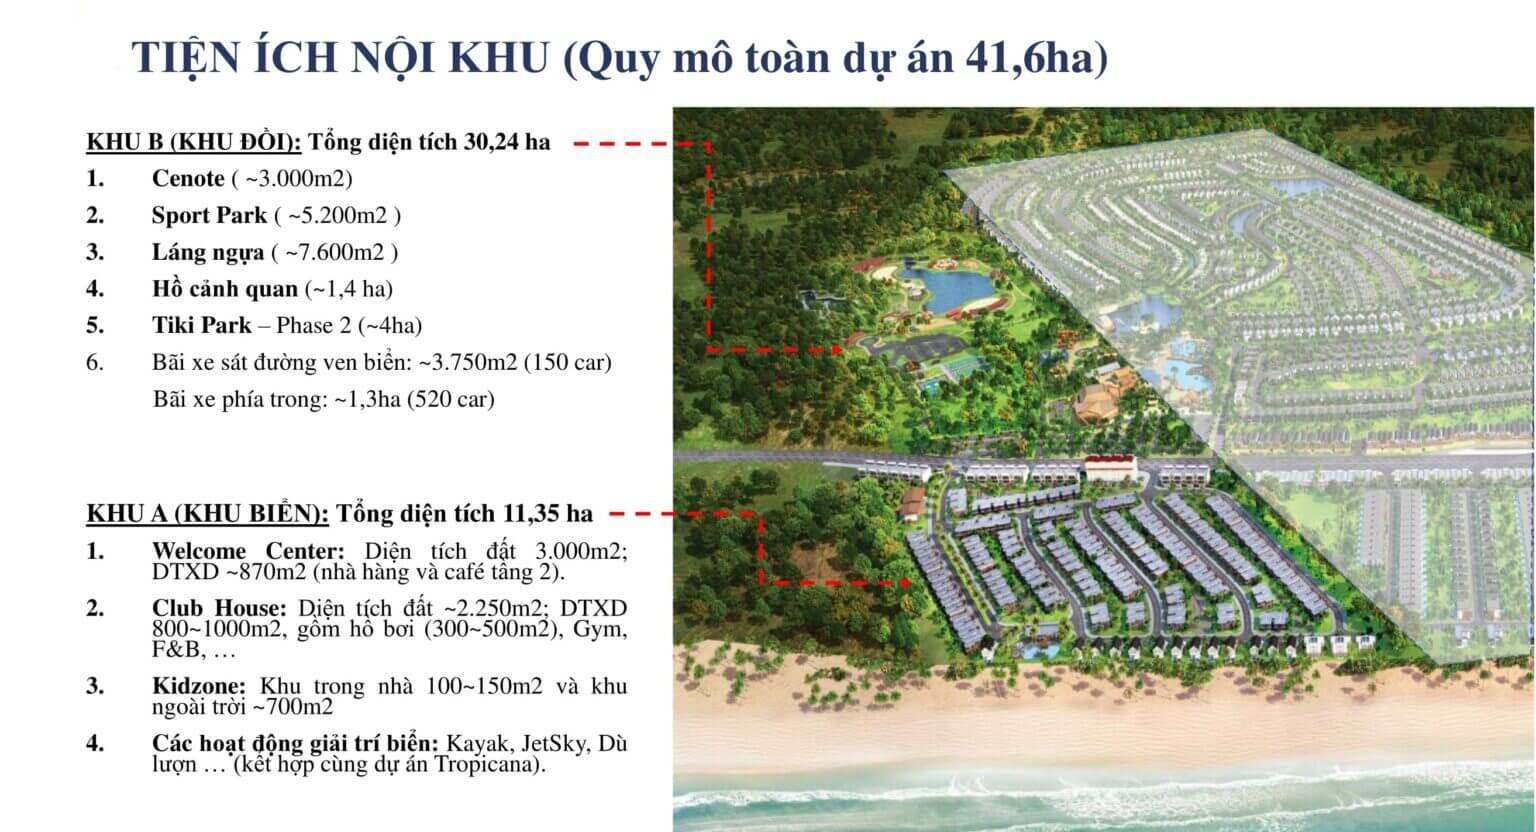 tiện ích khu đồi happy beach villas